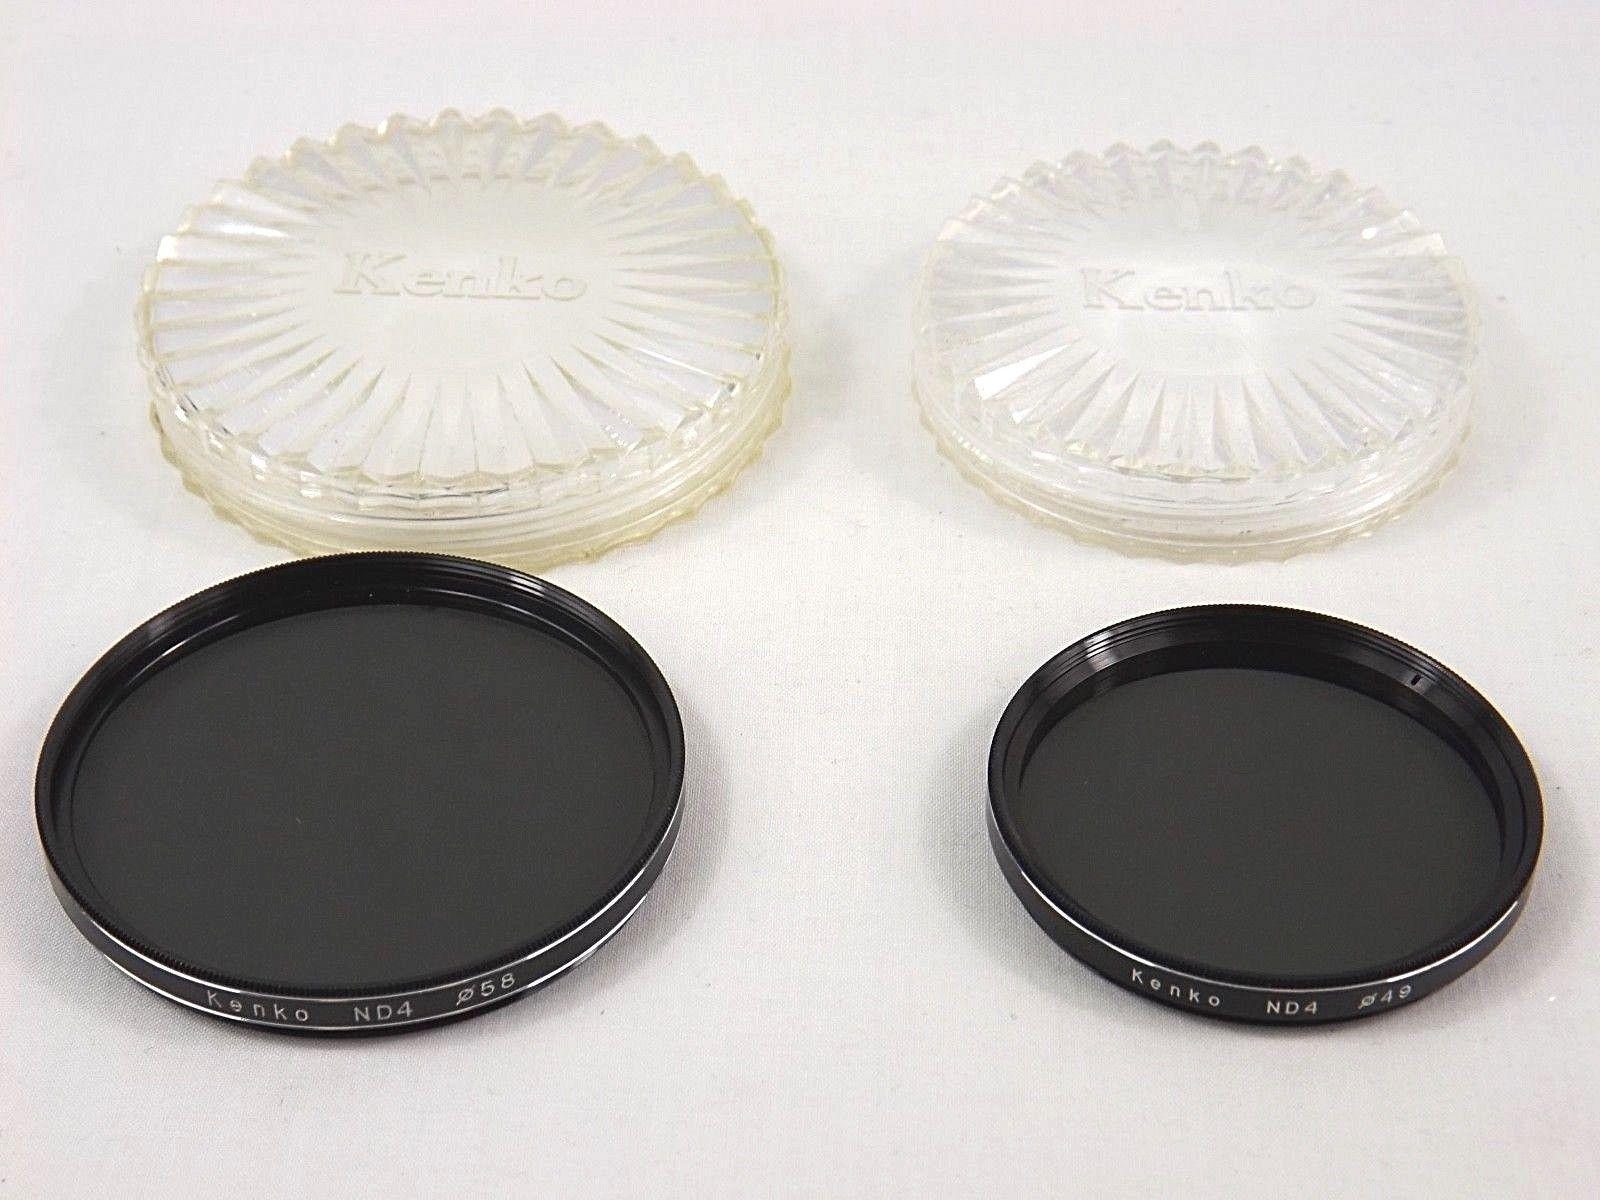 Two (2) Kenko Vintage Metal Lens Filters ND4 - 58mm & 49mm w/ Plastic Case